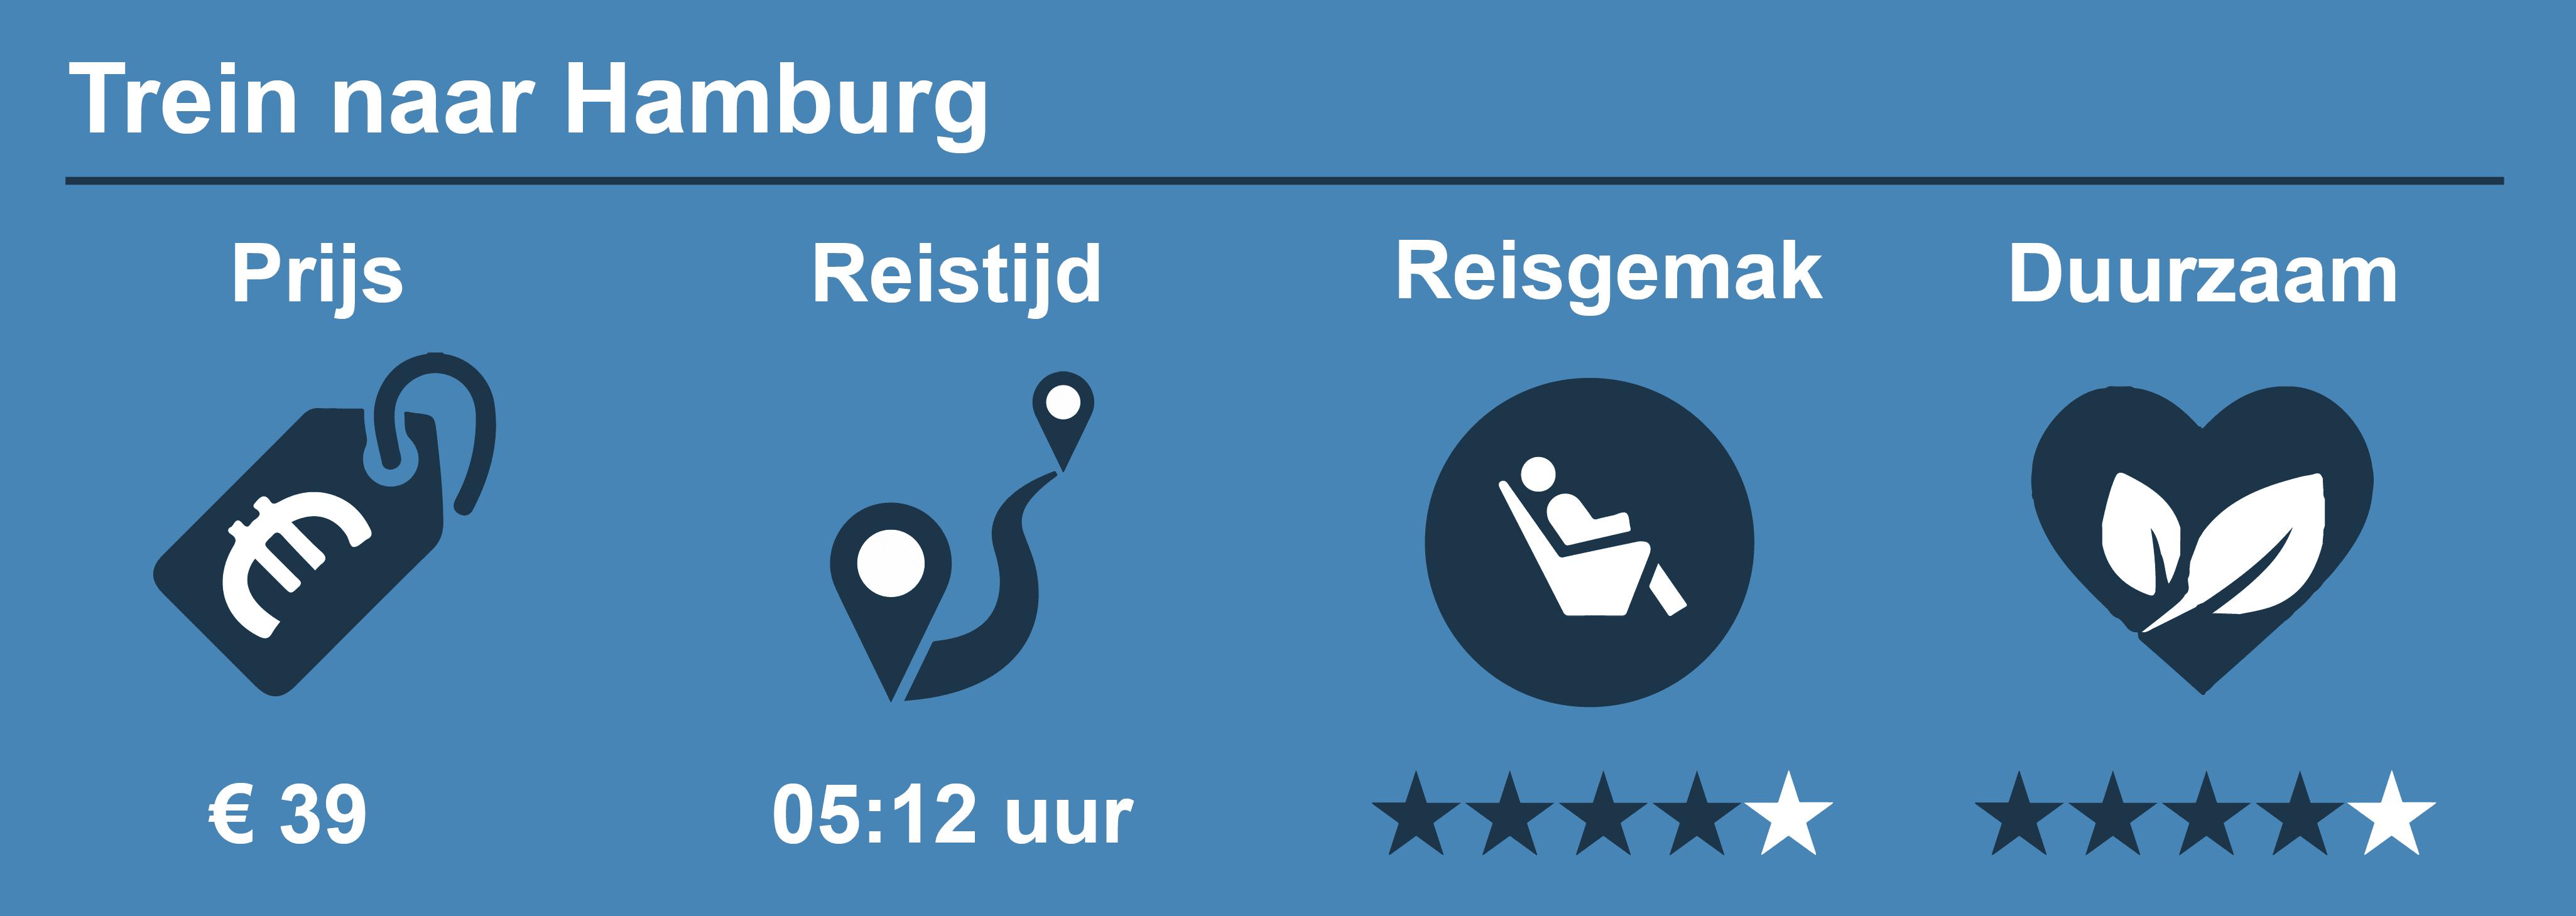 Reisinformatie trein naar Hamburg